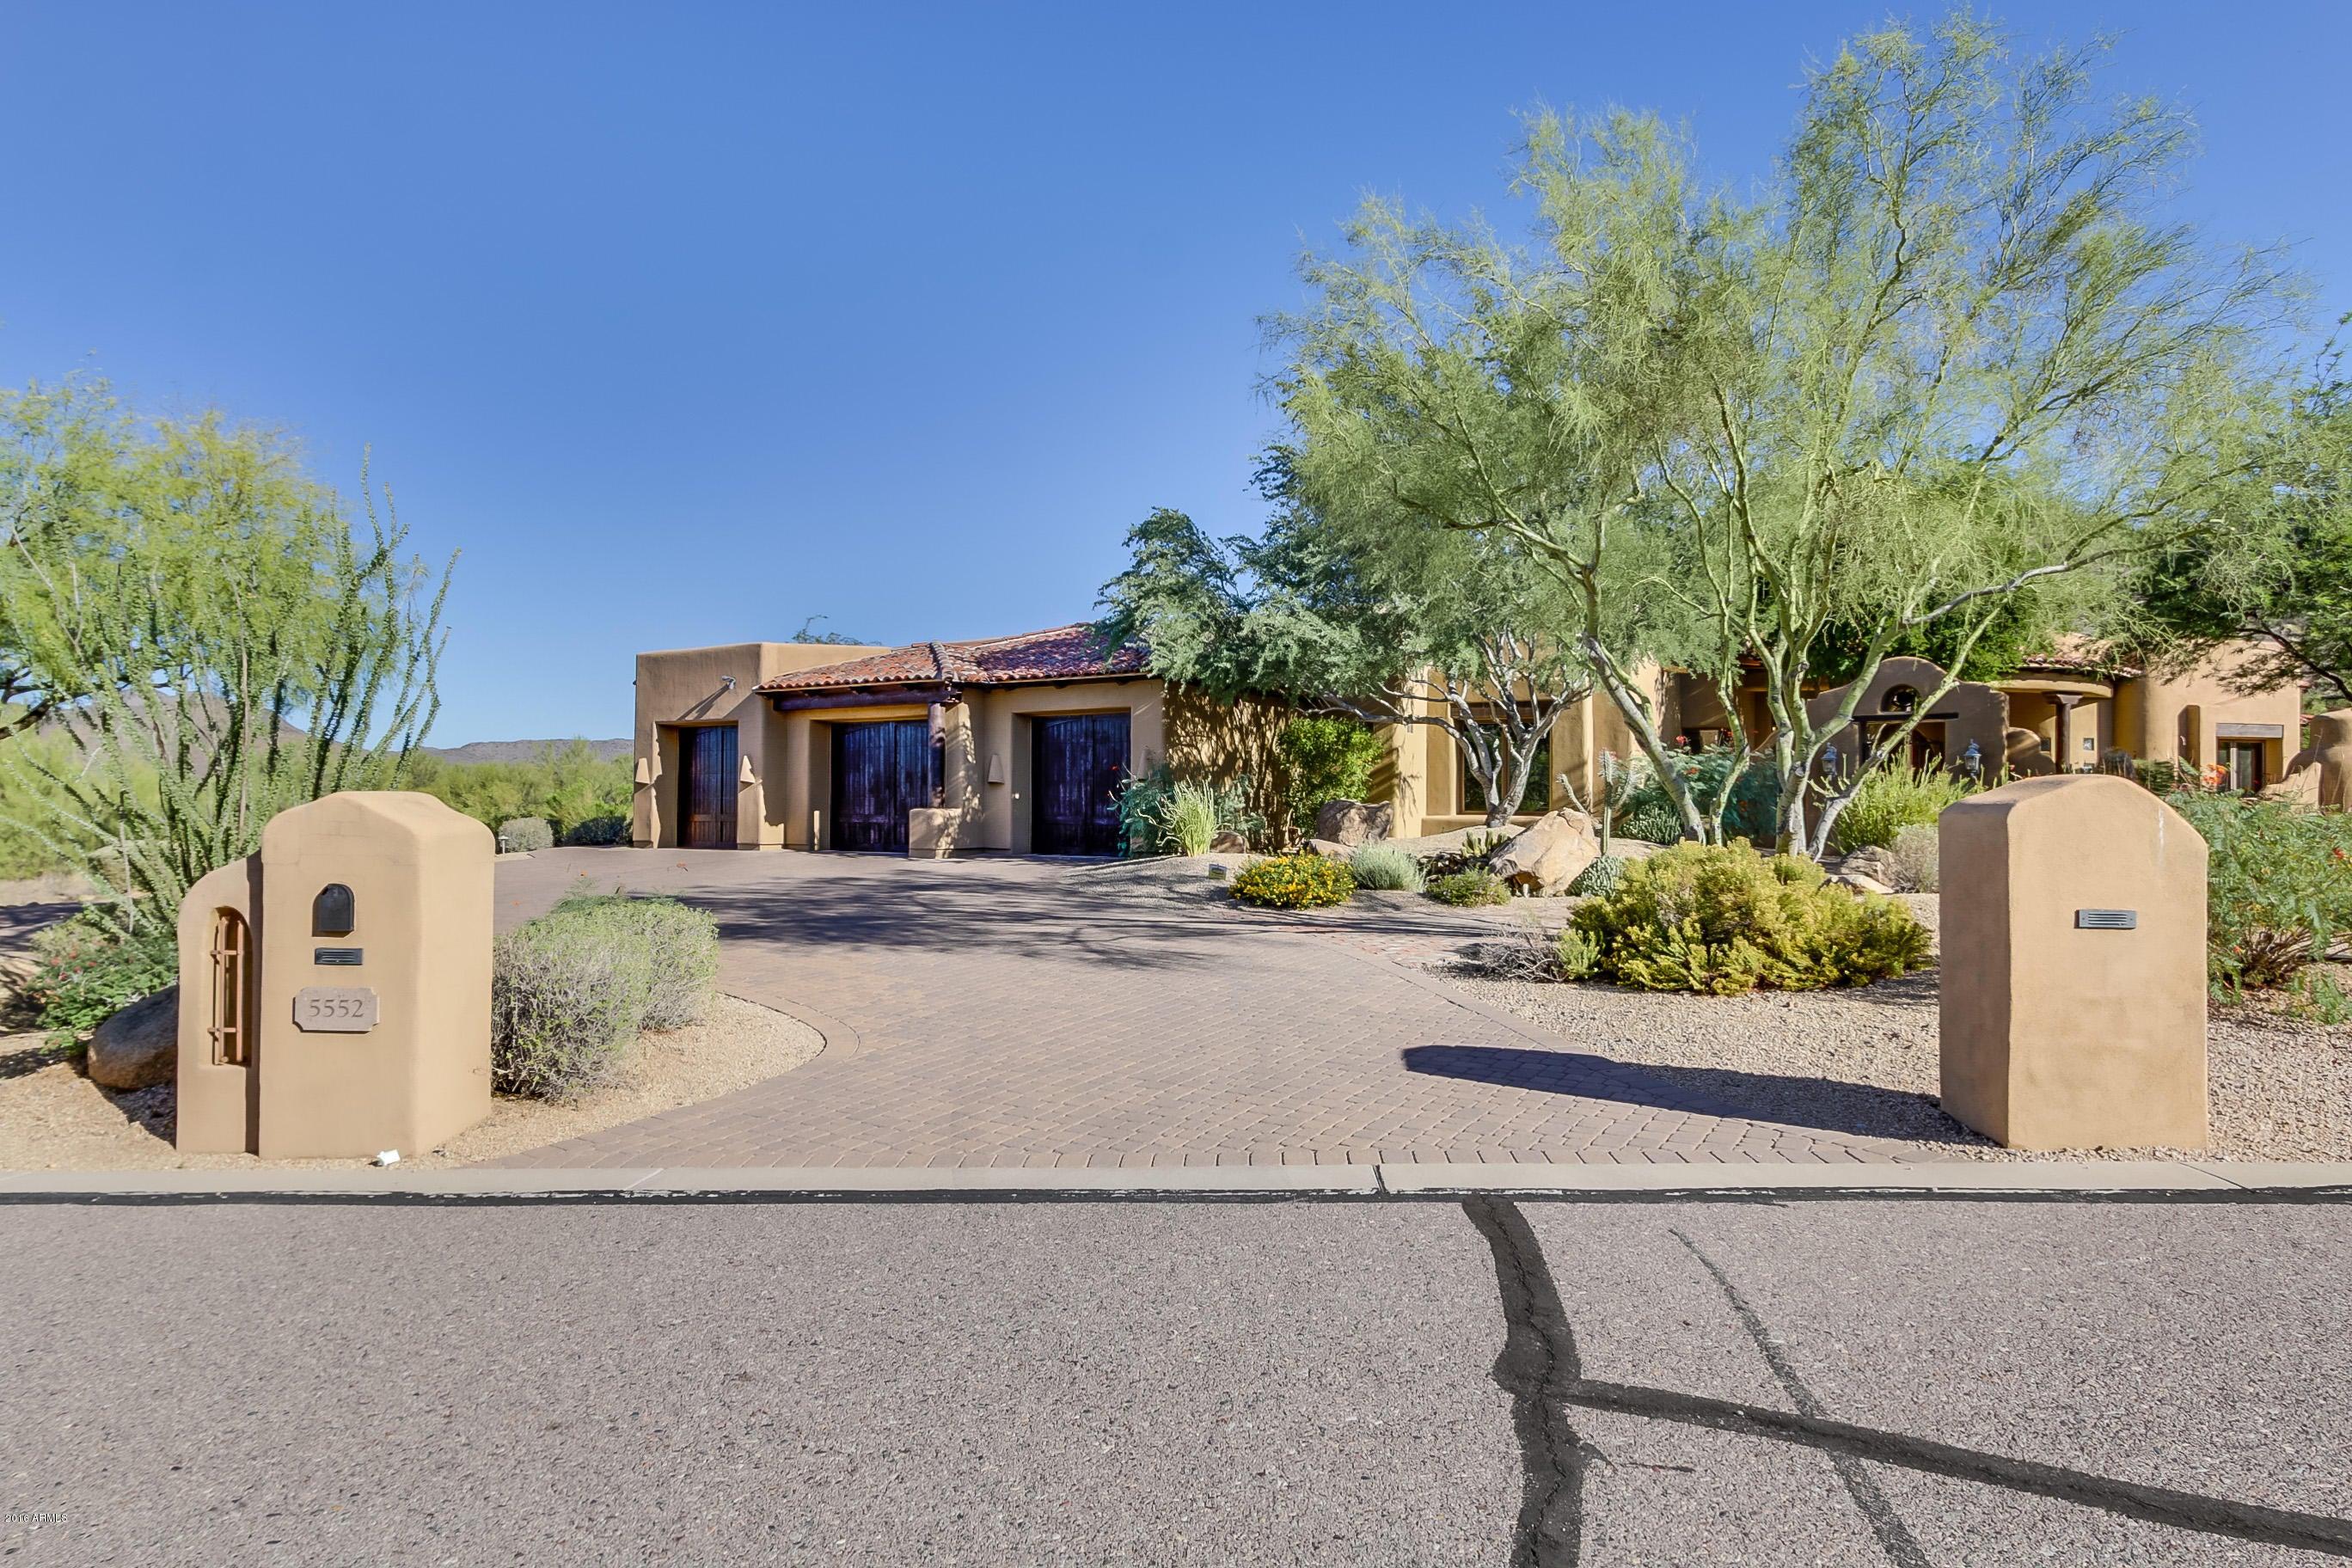 5552 E BUTTE CANYON Drive, Cave Creek, AZ 85331